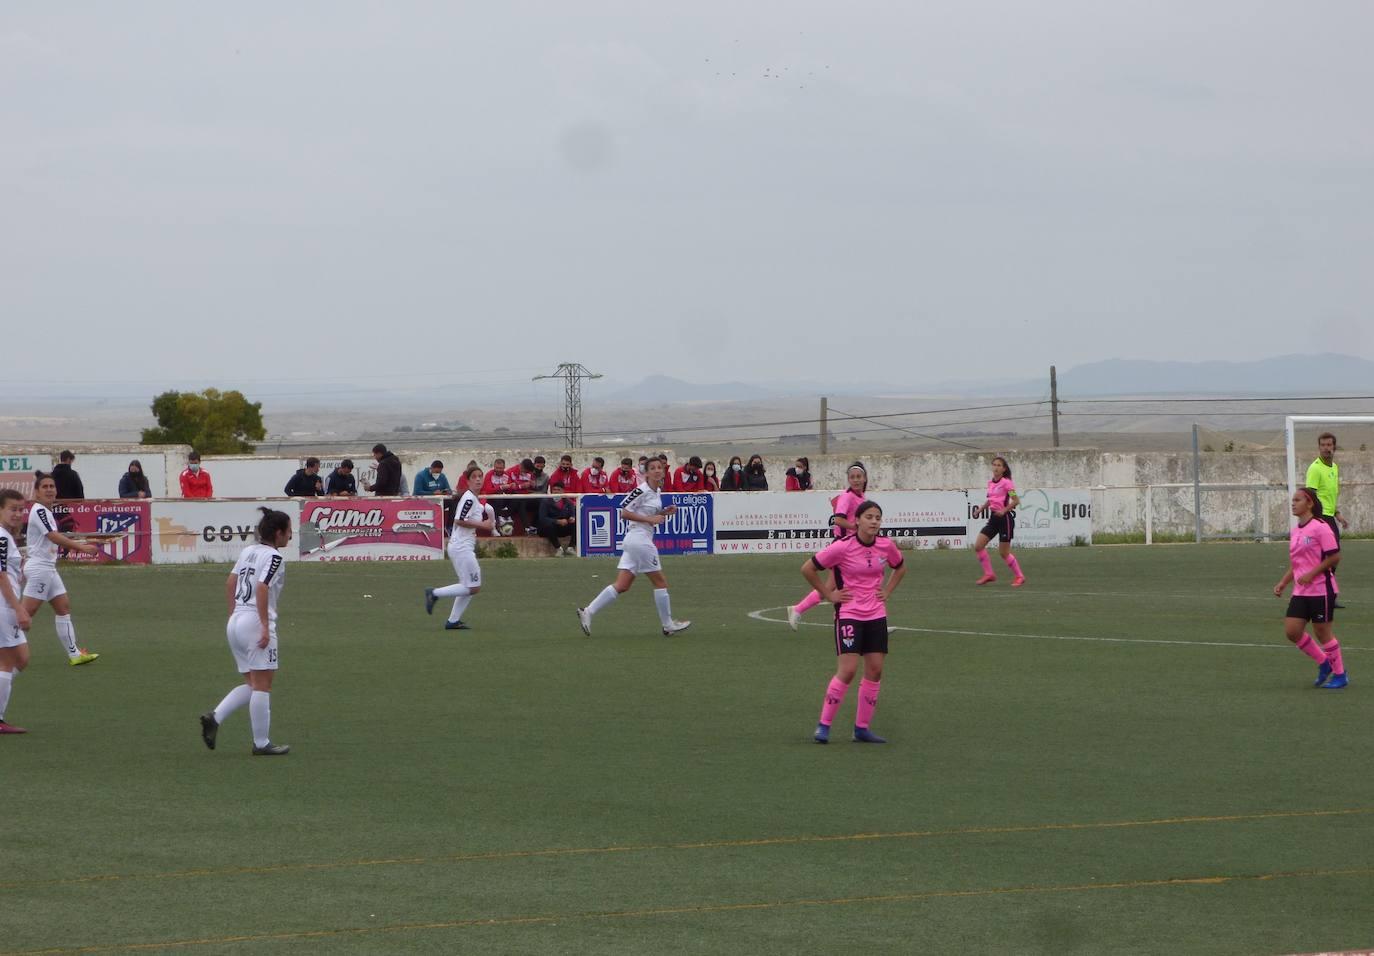 Dos victorias, un empate y cuatro derrotas, balance de los equipos del CD Castuera el pasado fin de semana